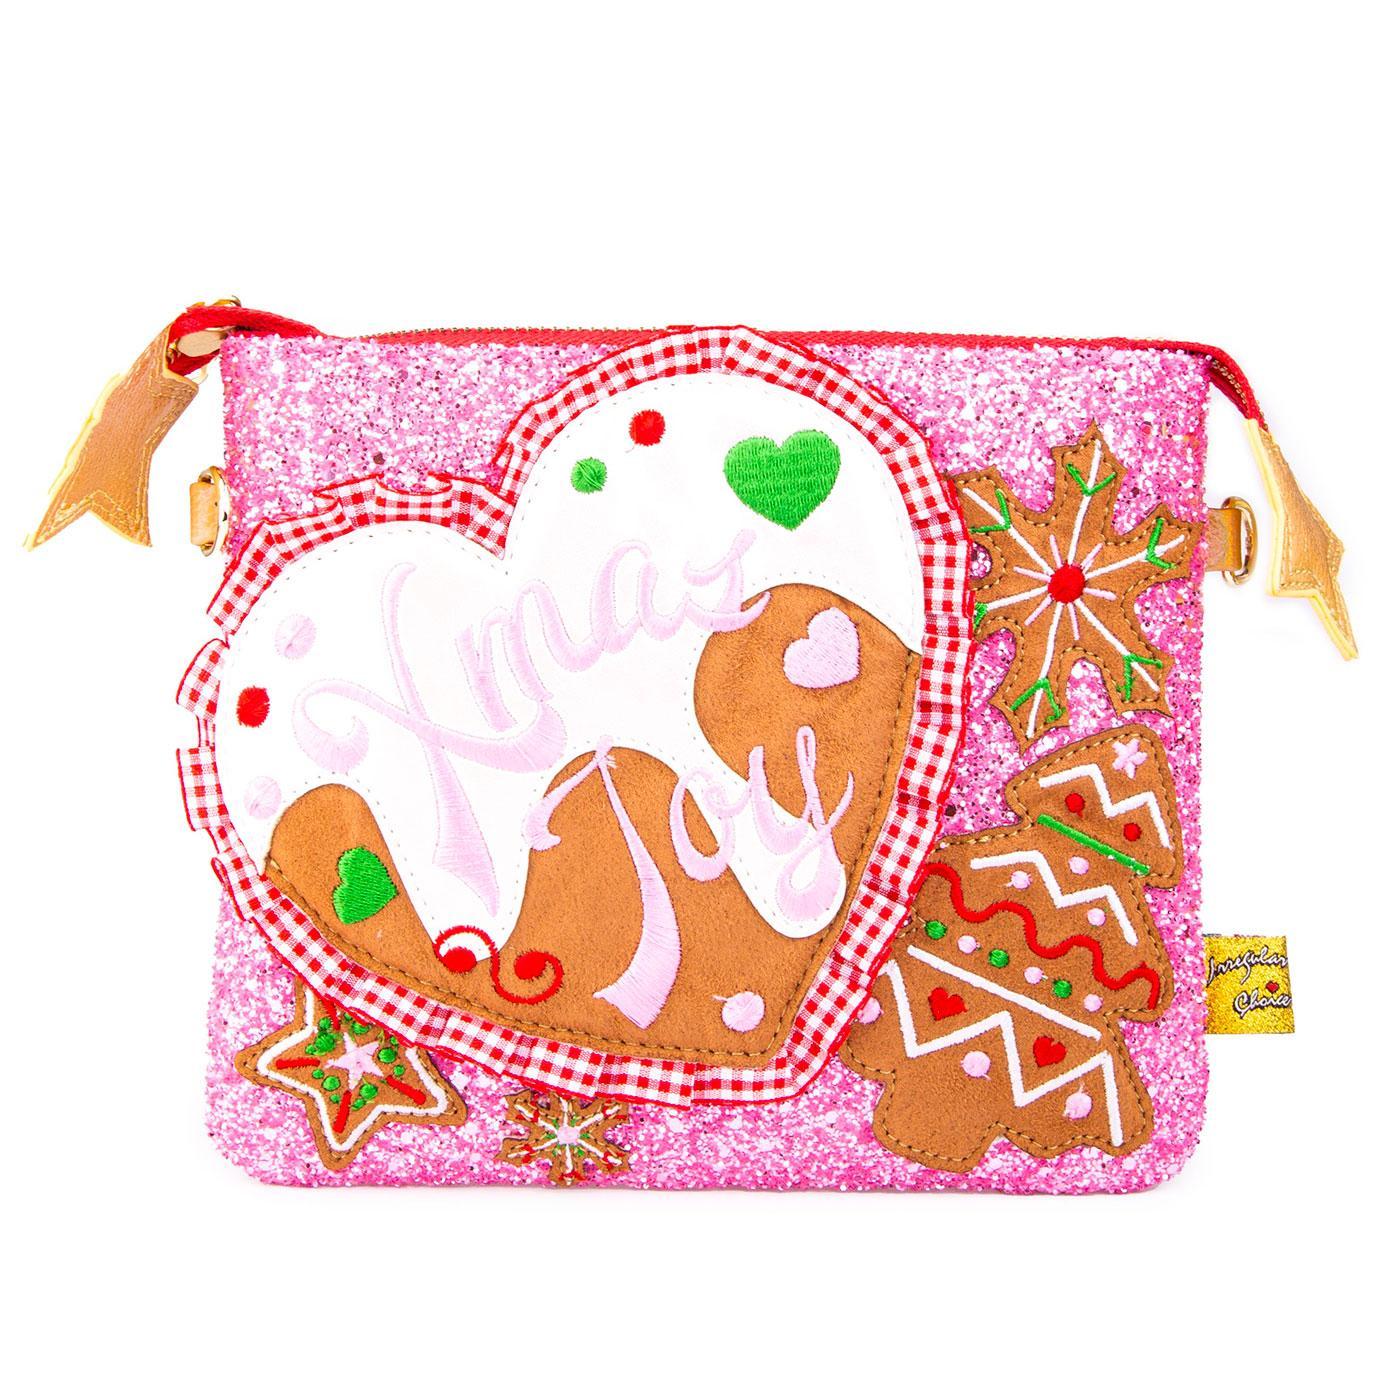 Milk & Cookies IRREGULAR CHOICE Xmas Clutch Bag